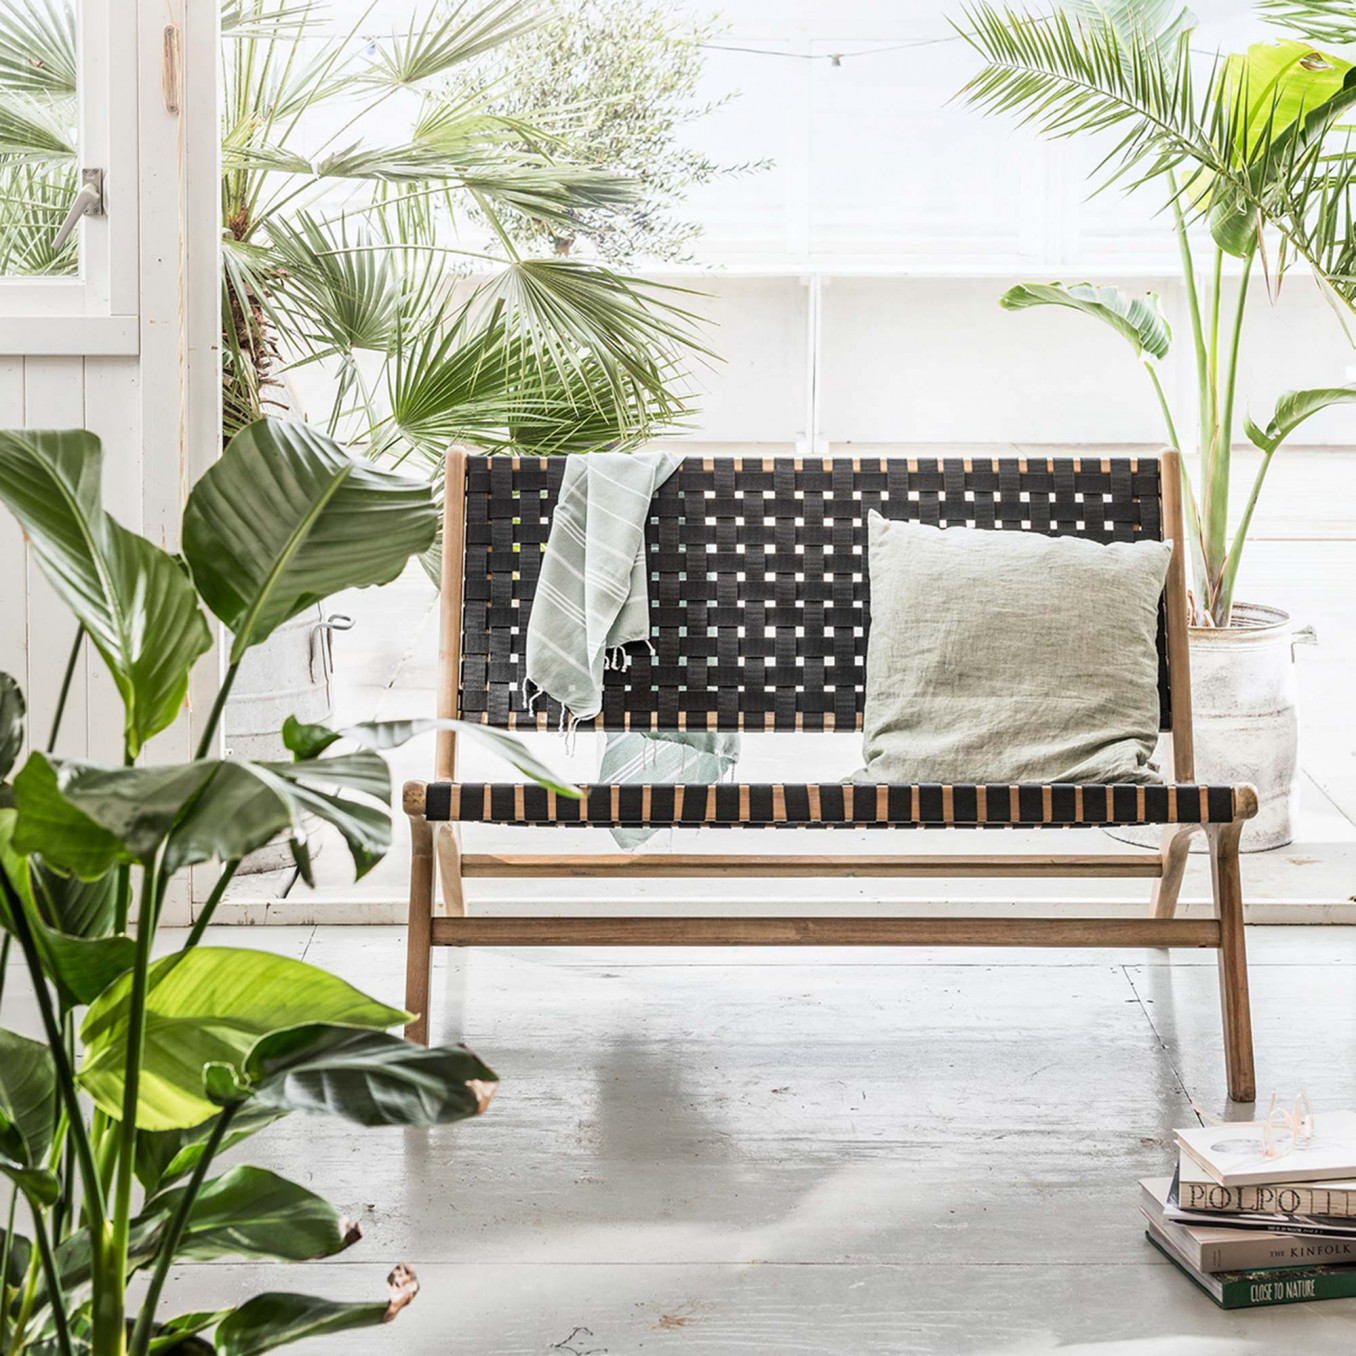 Geweven tuinmeubel met groene planten en witte decoratie-elementen zoals kussens